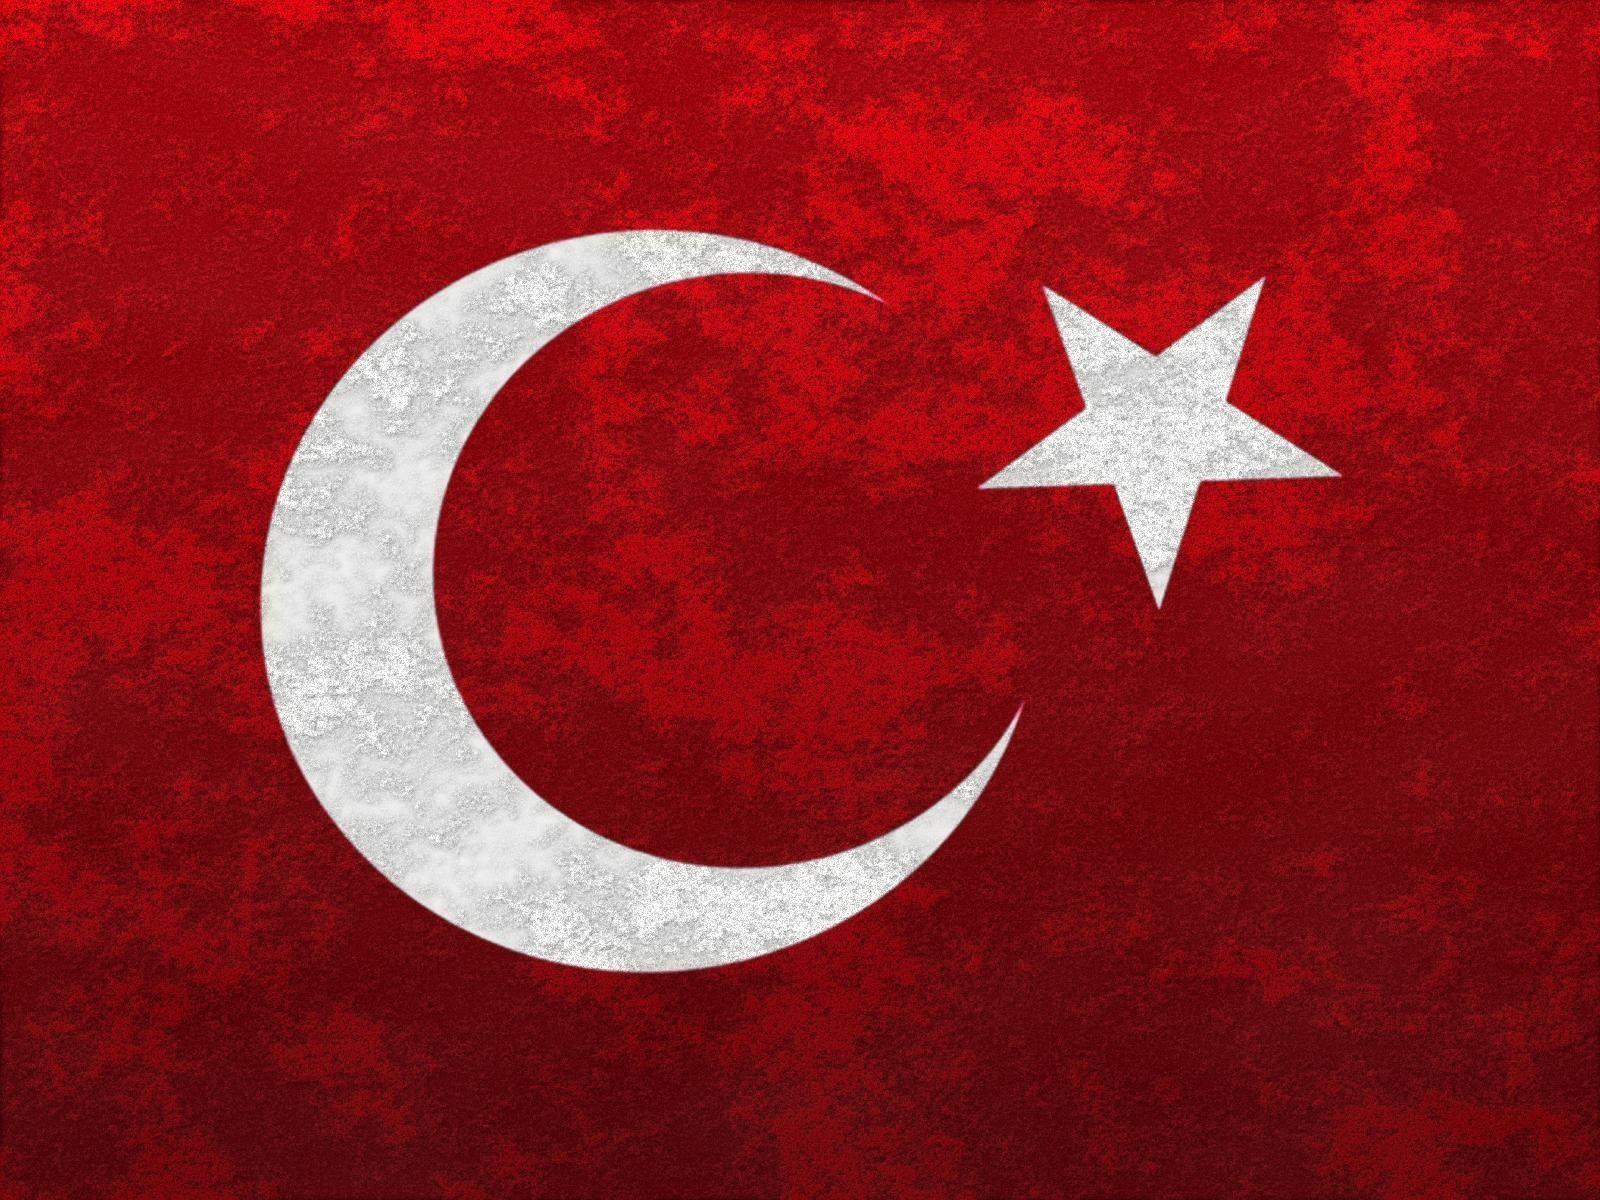 Isparta Bayrak İmalatı ve Bayrak Üretimi